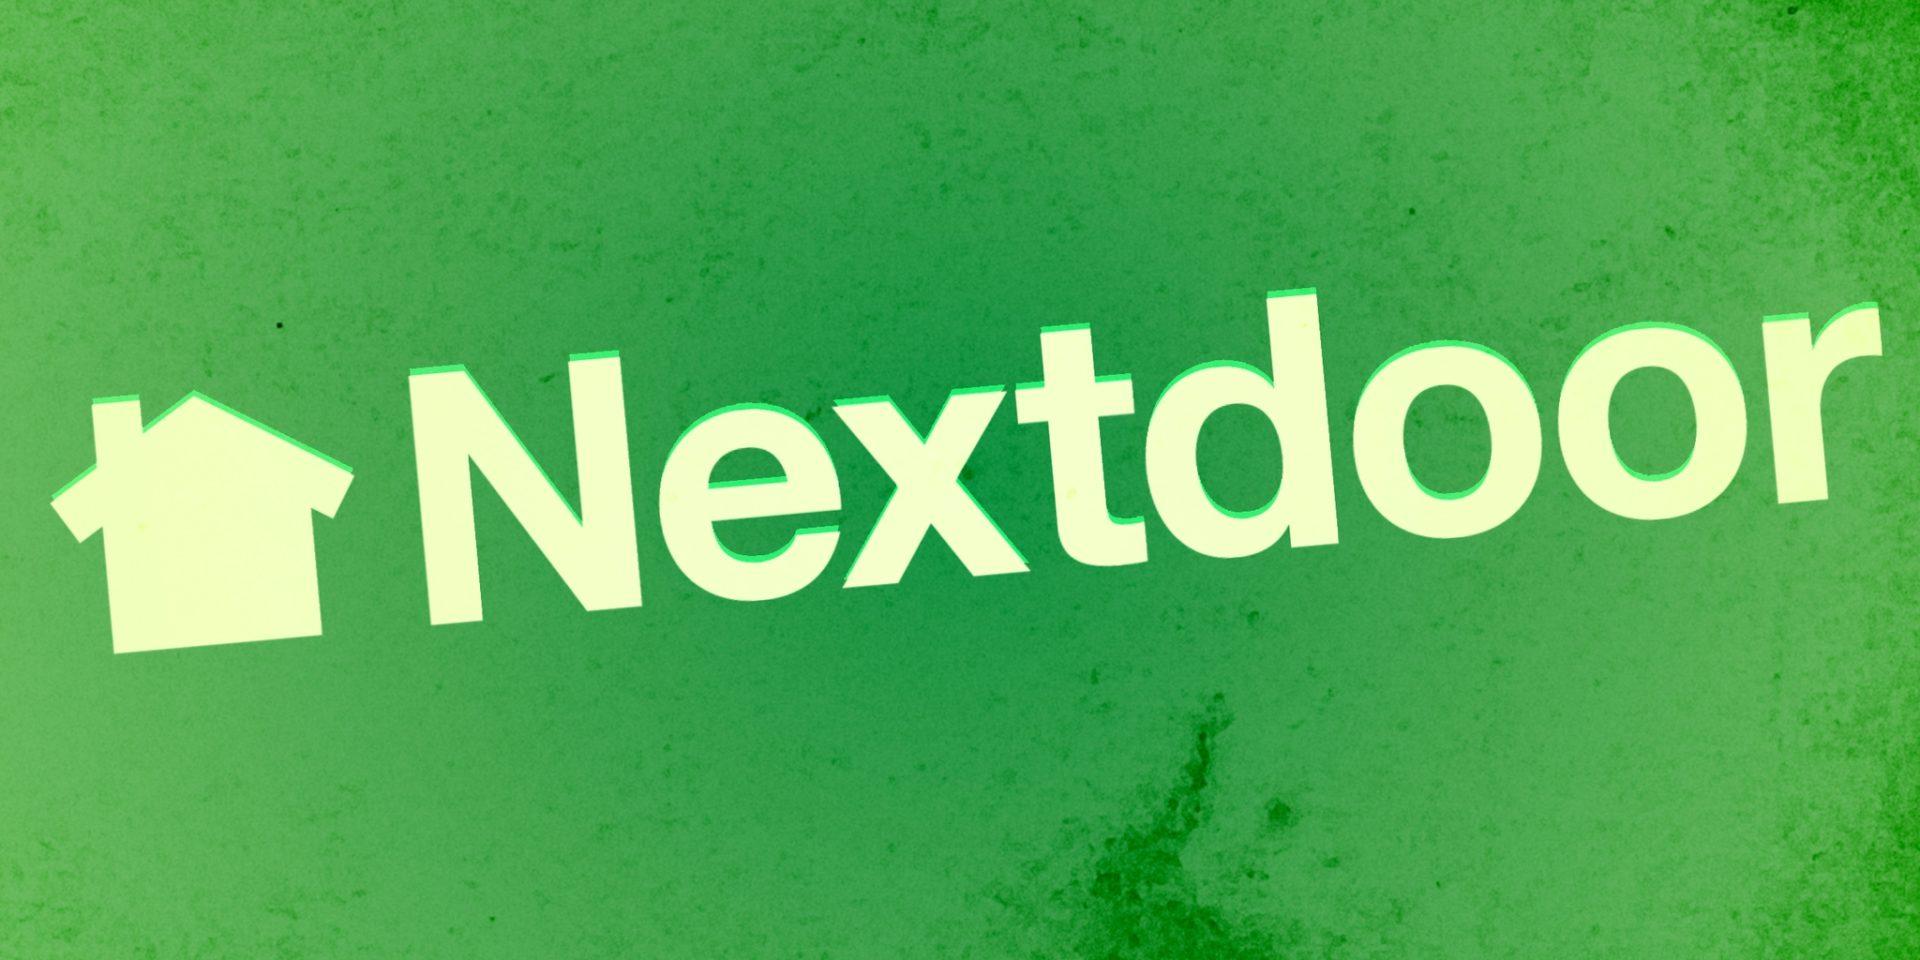 Nextdoor evid